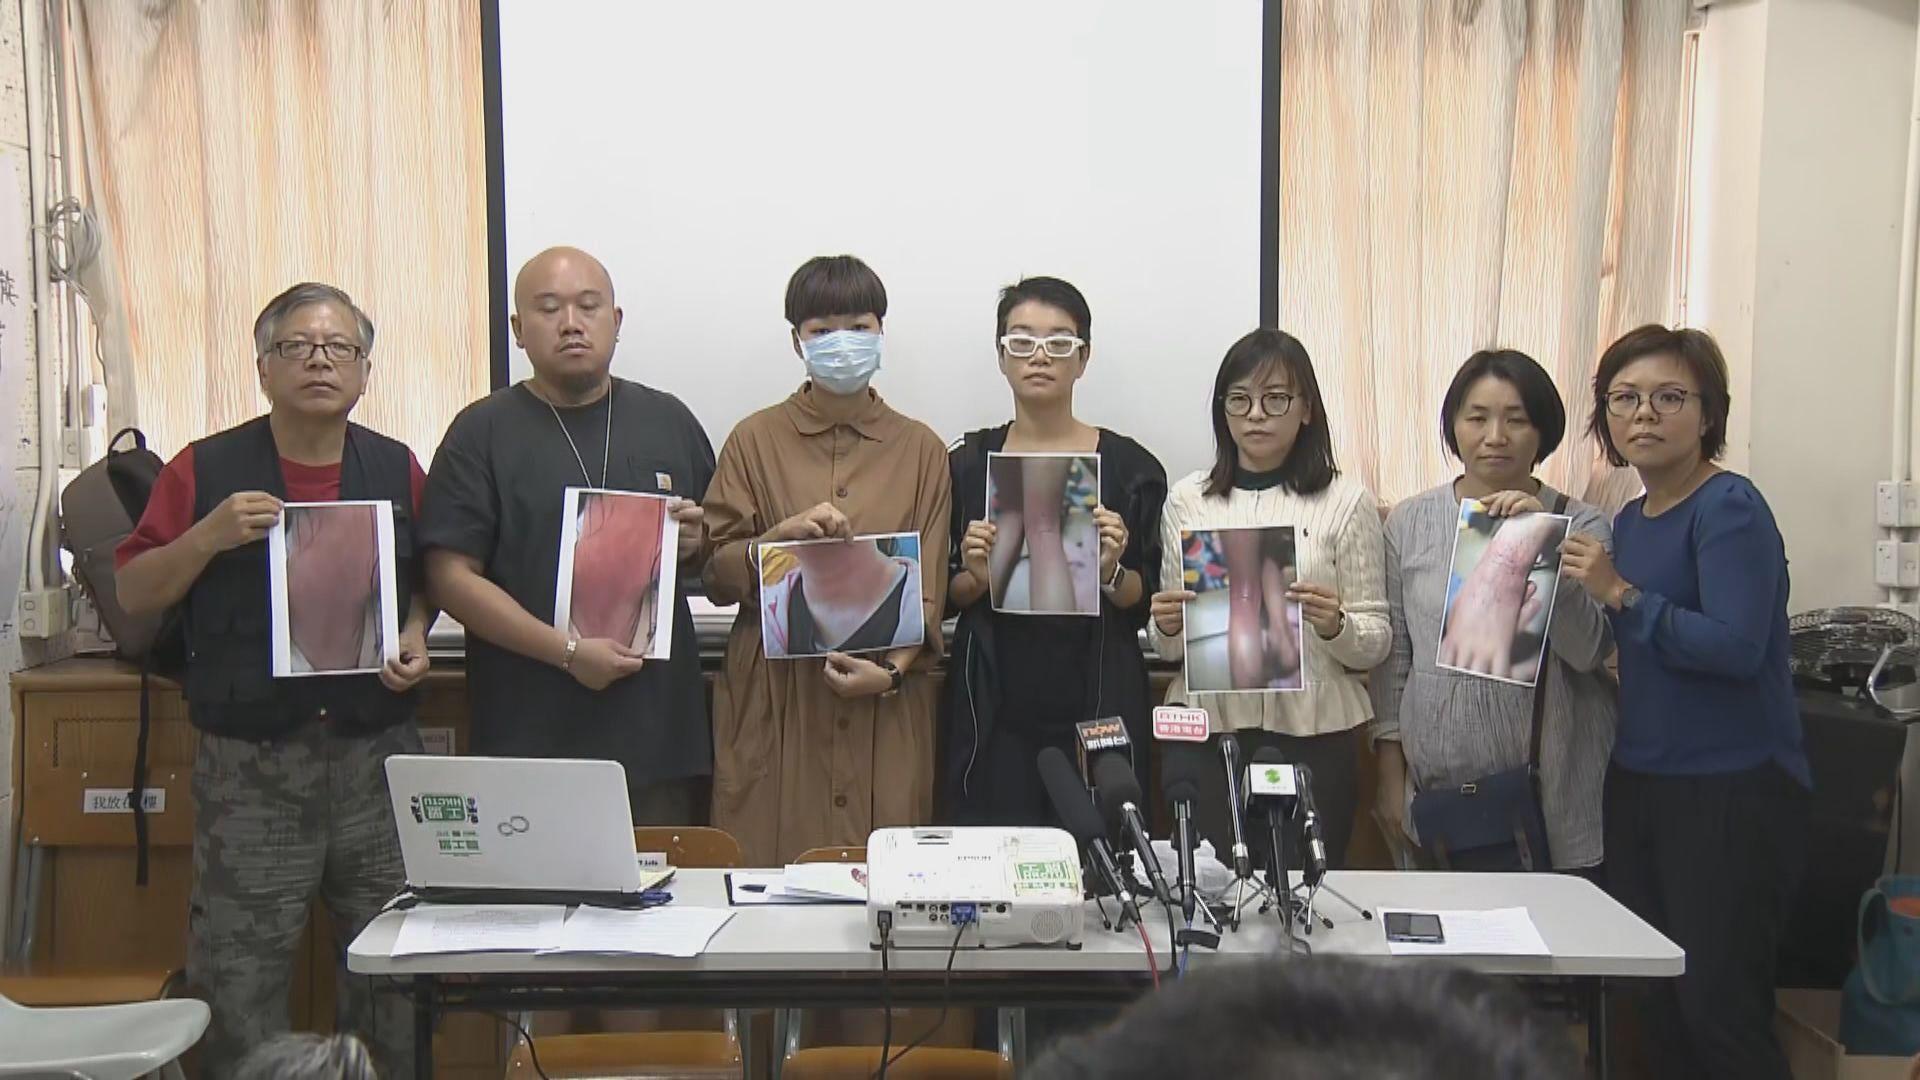 家長團體促請警方停止於社區施放催淚彈